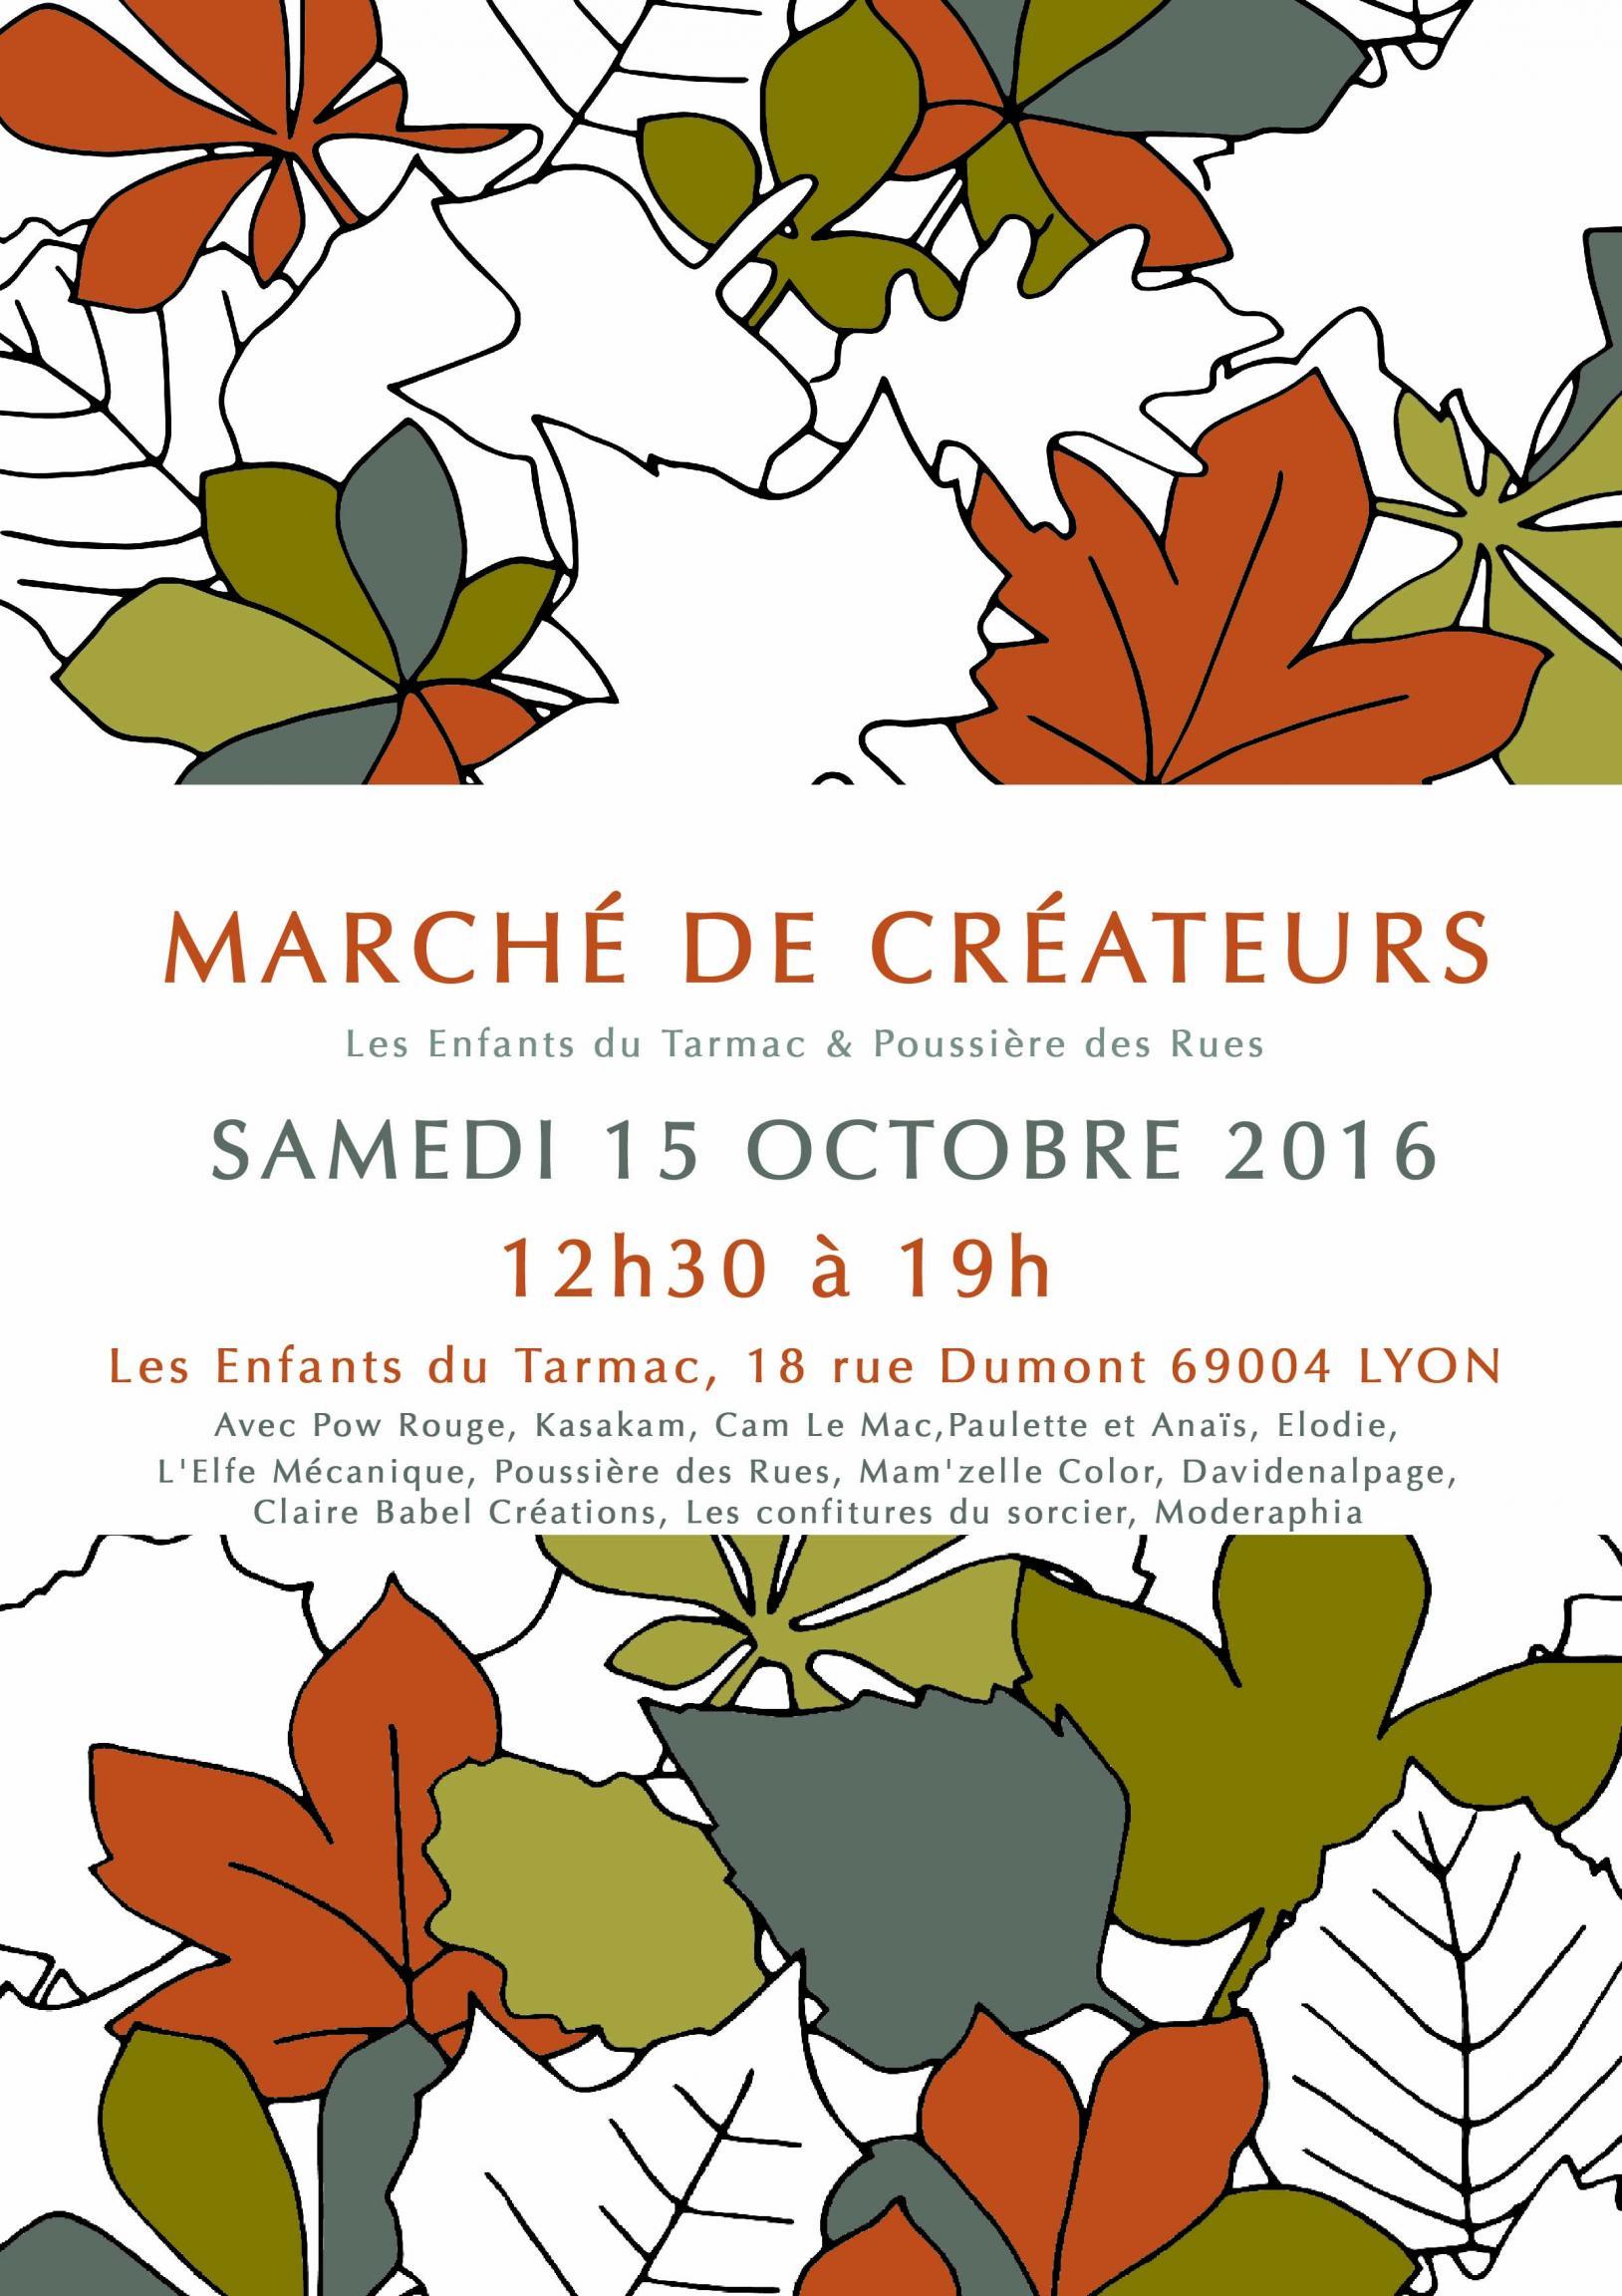 Actualité de L'Elfe  Mécanique Contrat CAPE Marché de créateurs - Lyon Croix-Rousse - Les Enfants du Tarmac